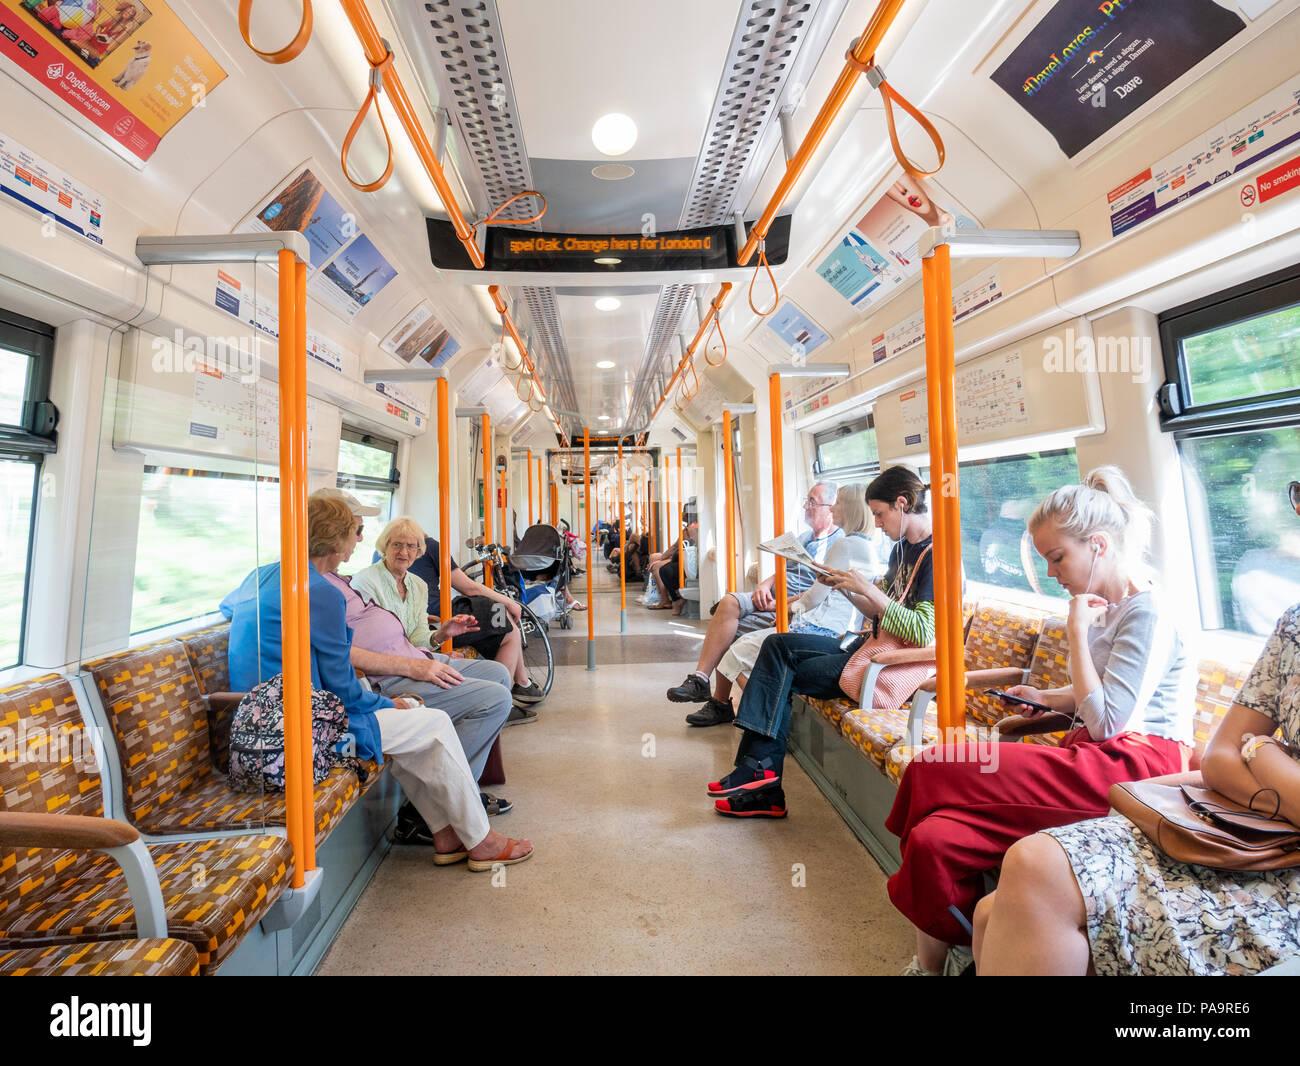 London Overground train carriage, UK - Stock Image